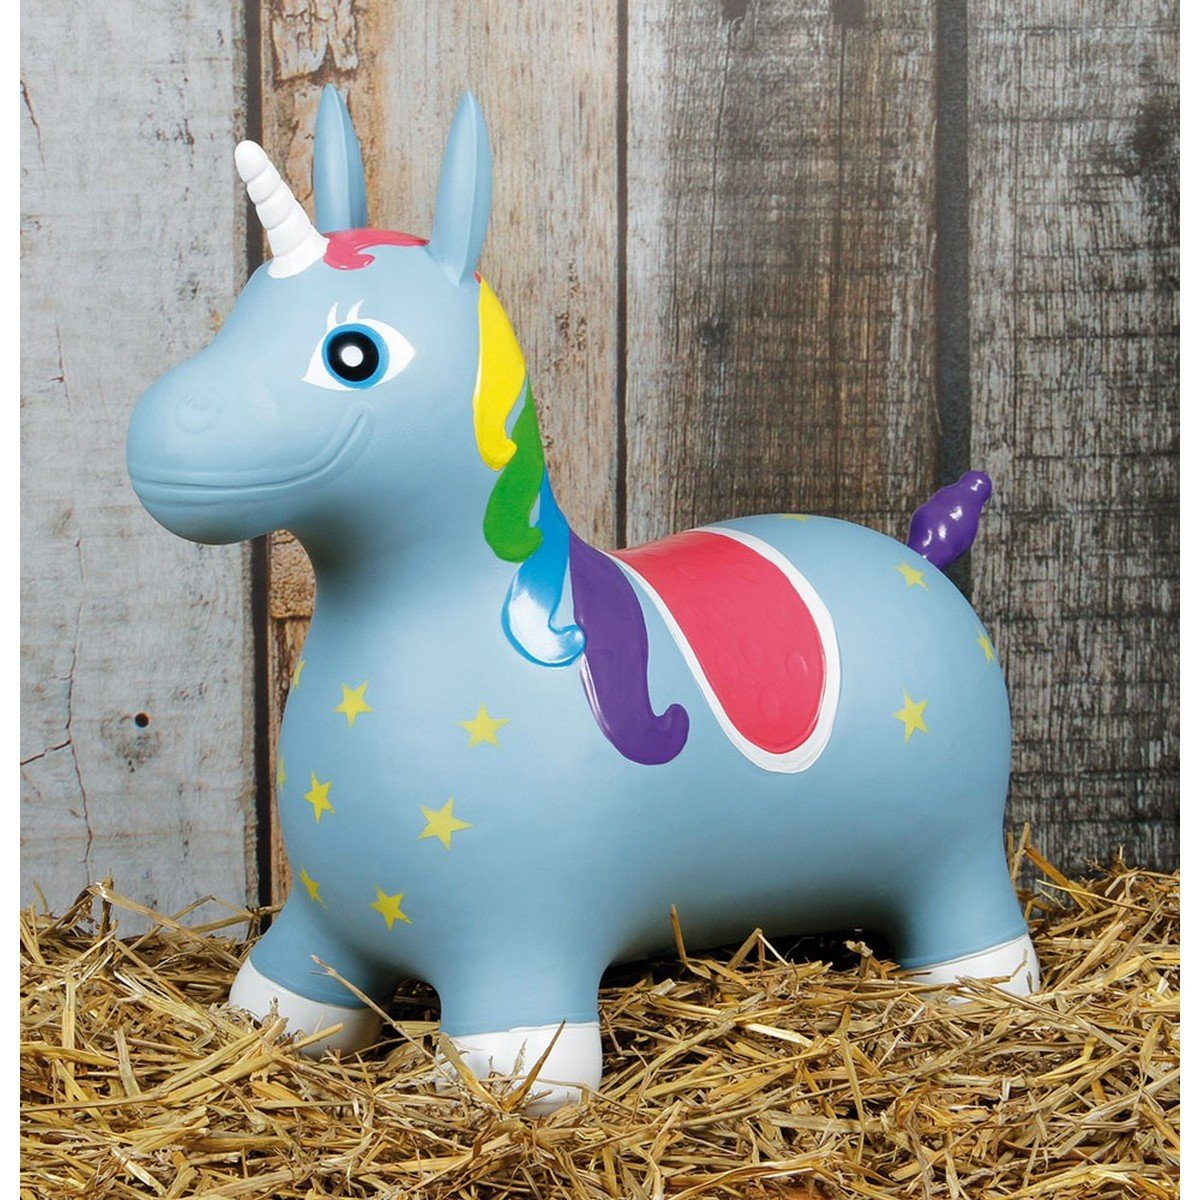 Obrázek Harry's Horse Nooni Skippy Unicorn (Barva: modrá)